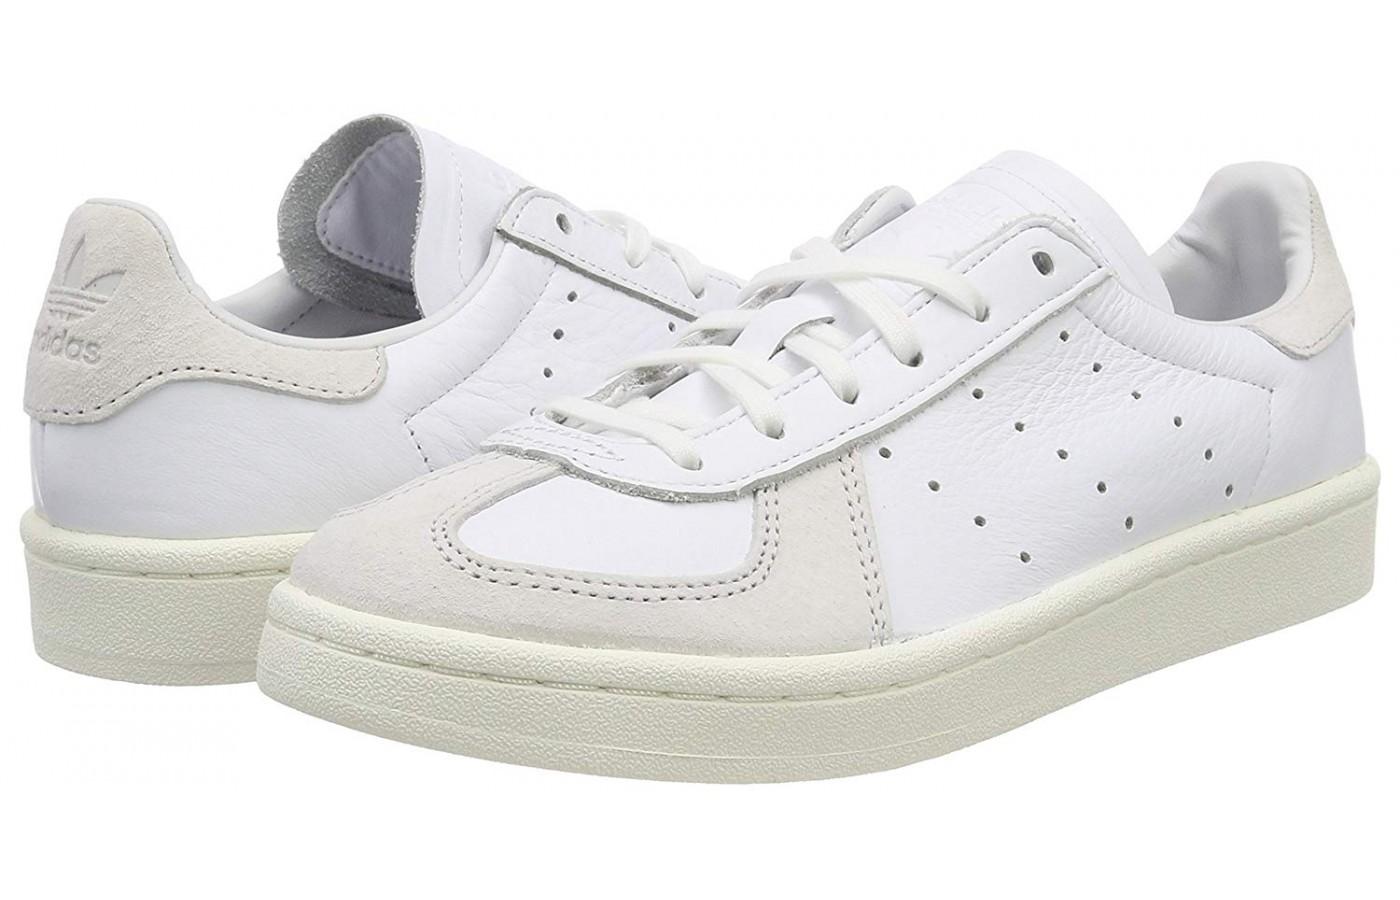 Adidas BW pair